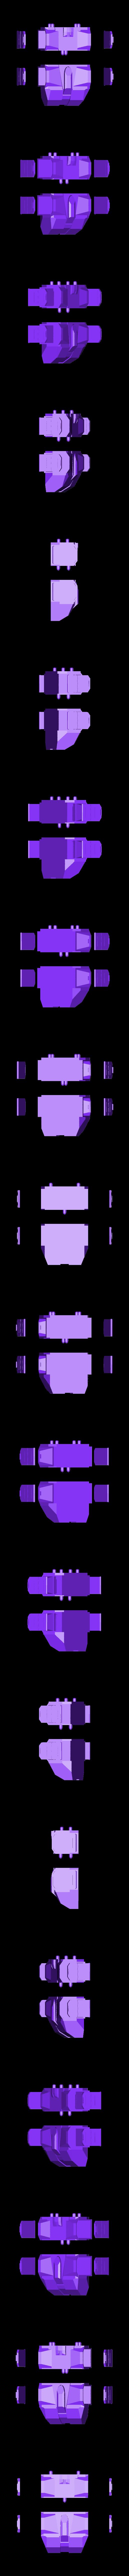 Revised_Sections_Together.stl Télécharger fichier STL gratuit Mech Dropship 2.0 • Design imprimable en 3D, mrhers2